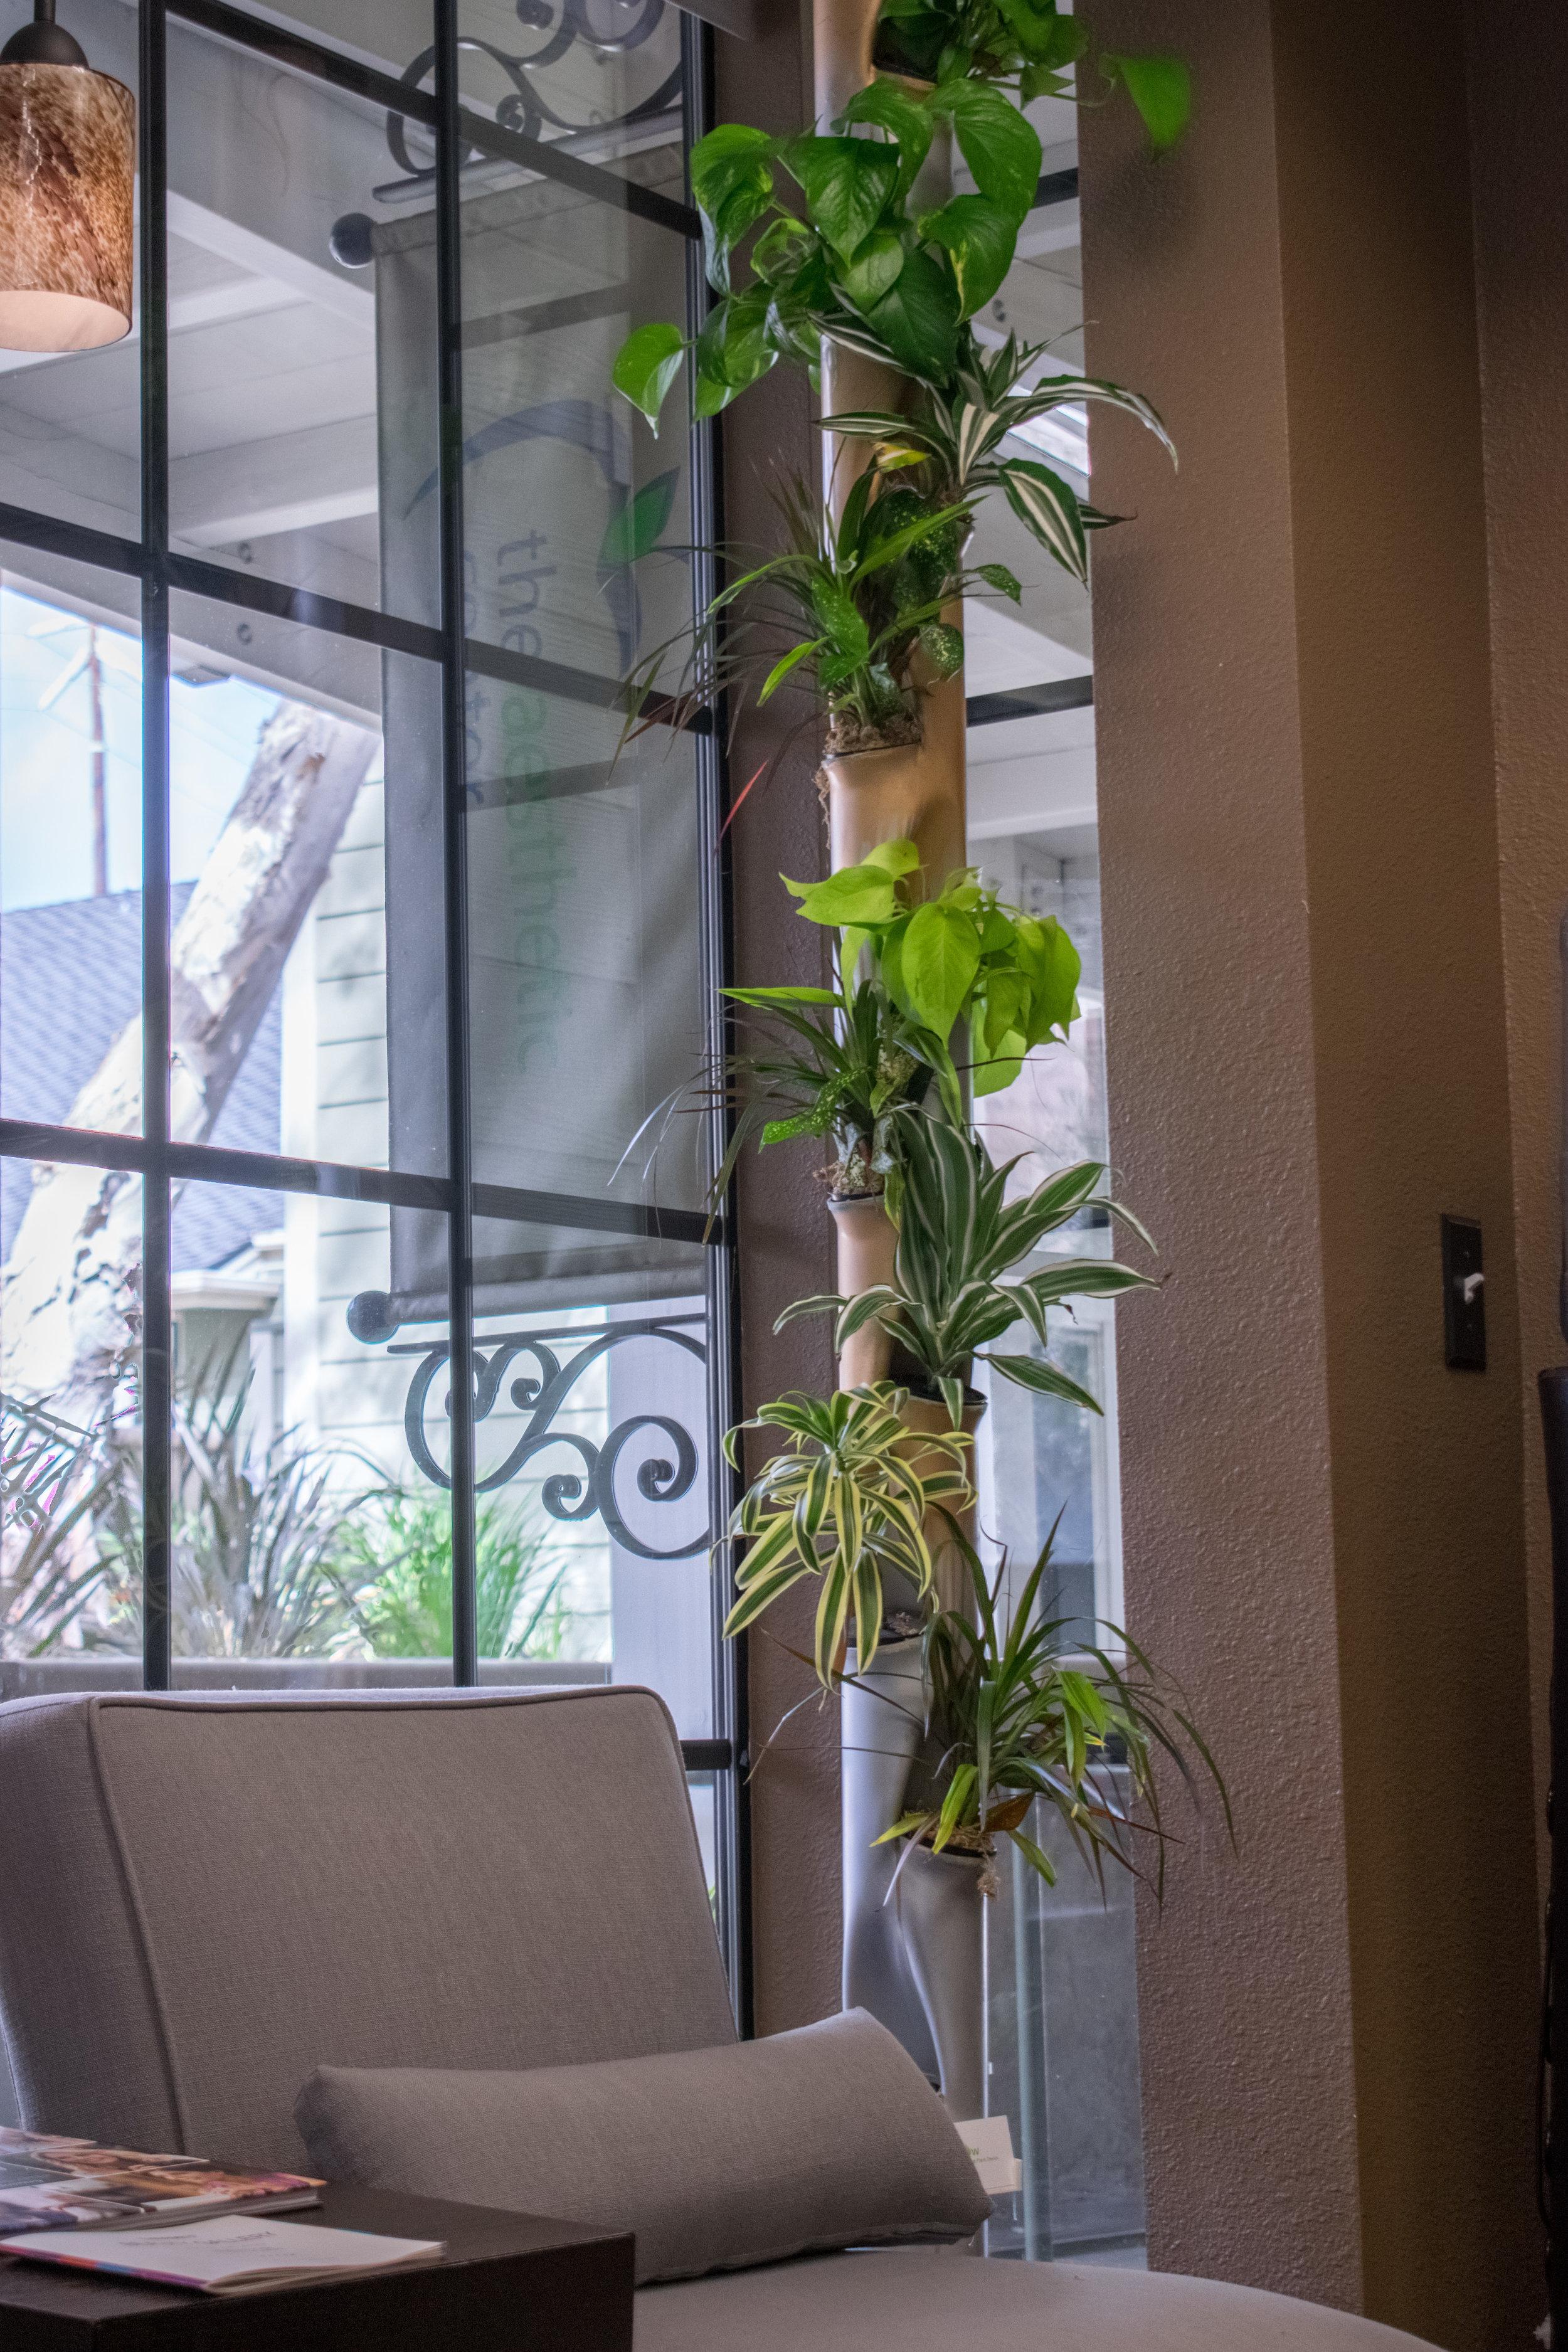 Aergrow Vertical Planter- The Aesthetic Center- 11.1.17-1.jpg